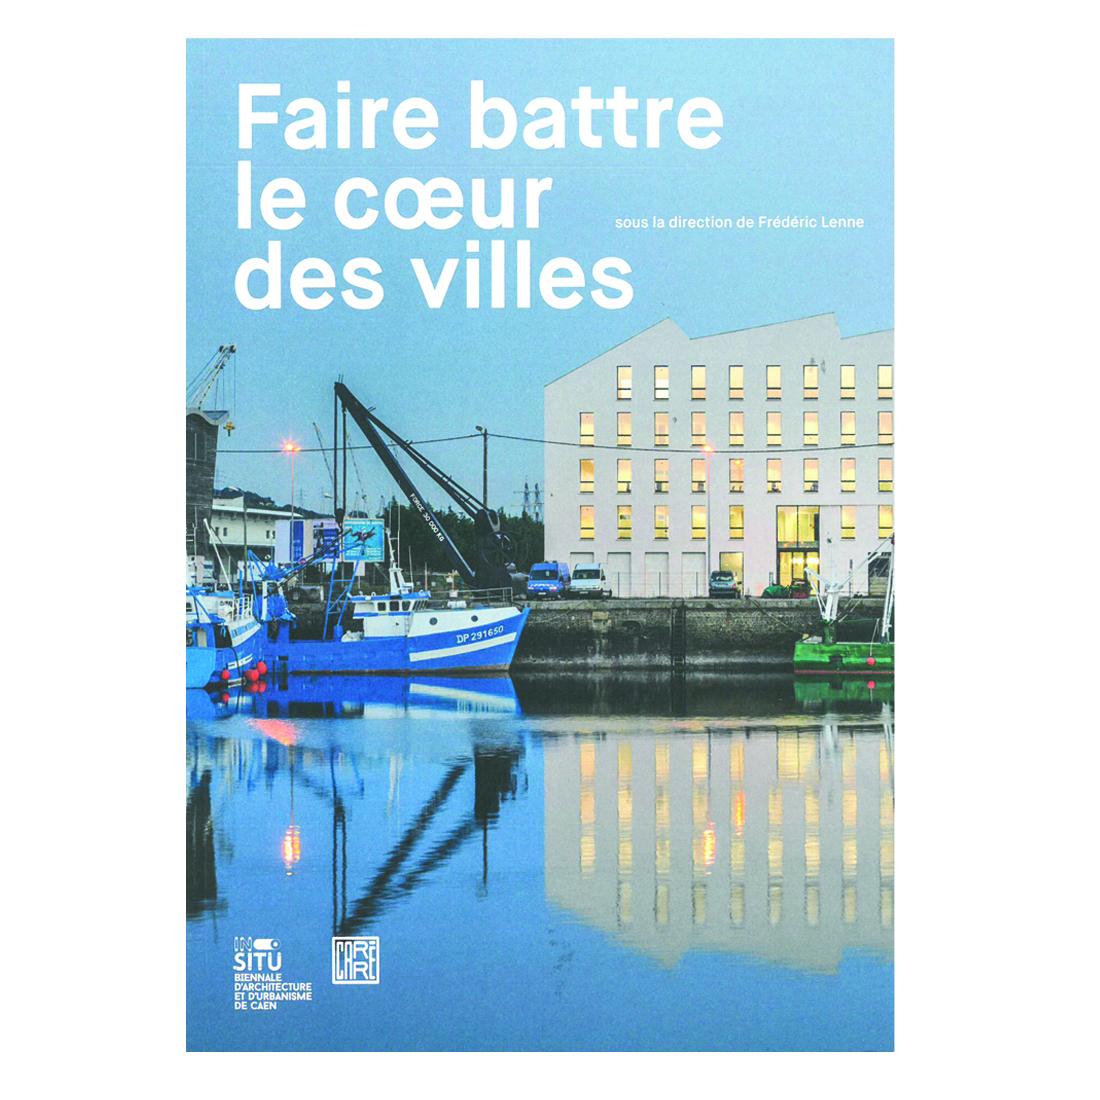 FAIRE BATTRE LE CŒUR DES VILLES | Brenac & Gonzalez et Associés